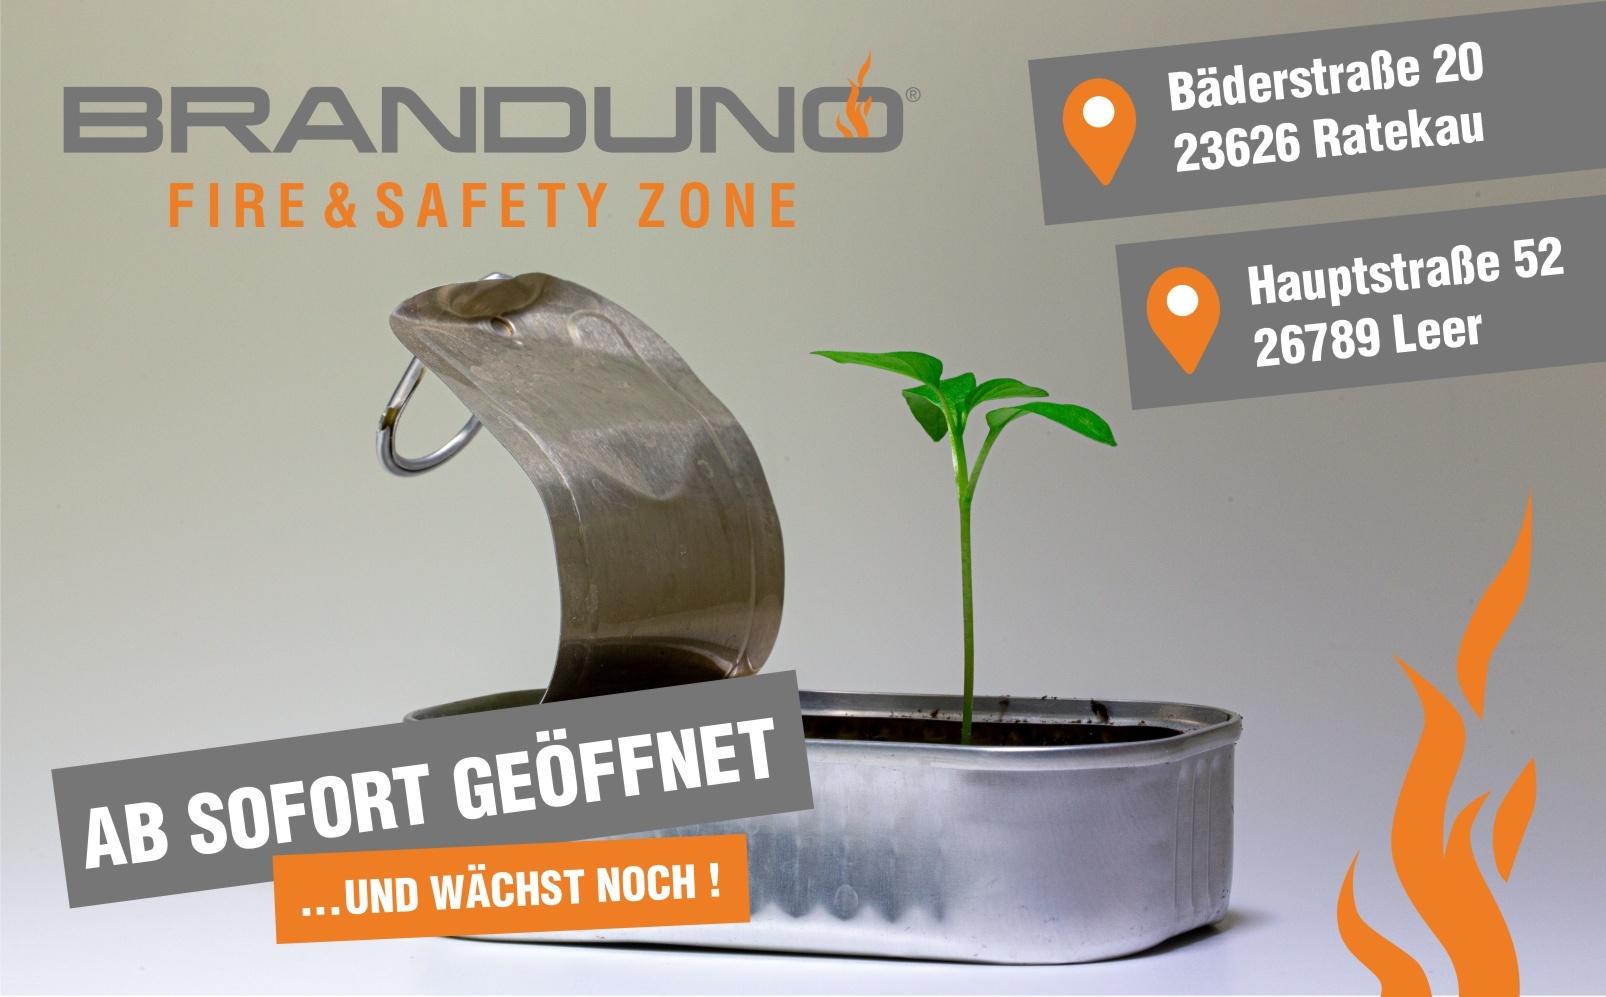 Eröffnung Fire & Safety Zone in Ratekau